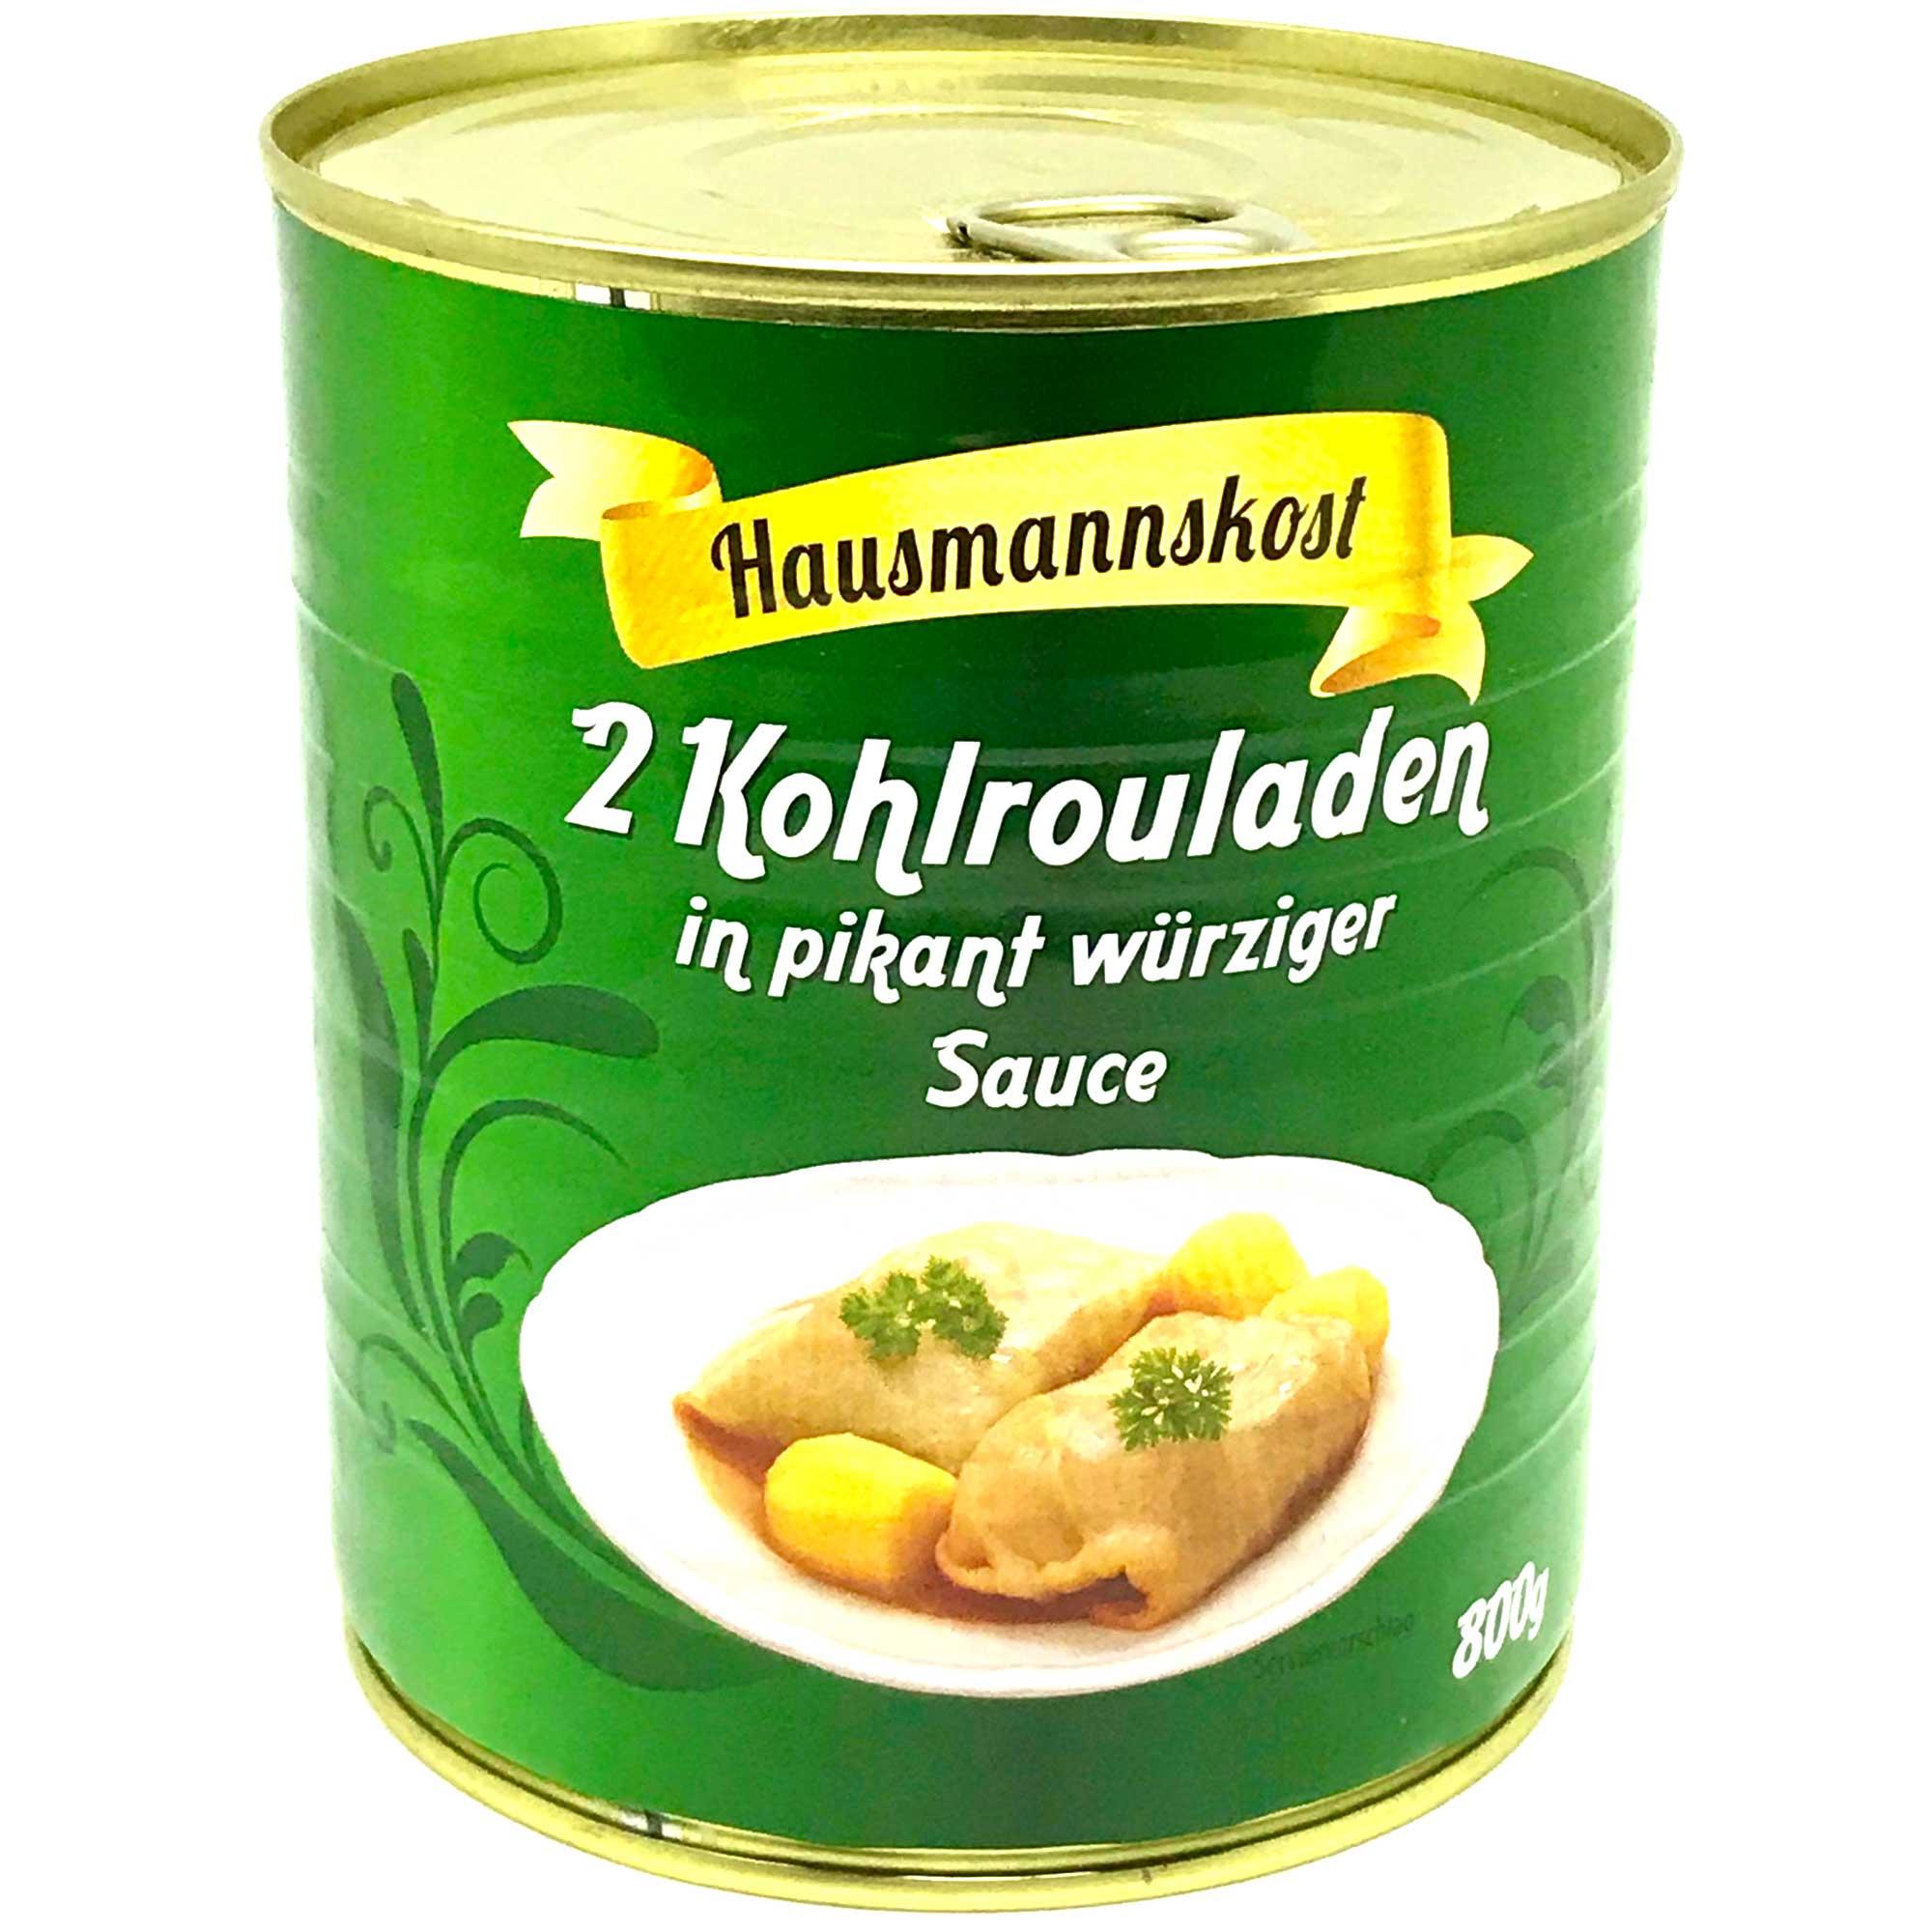 Kohlrouladen 800g in pikant w rziger sauce for Ungarische feinkost